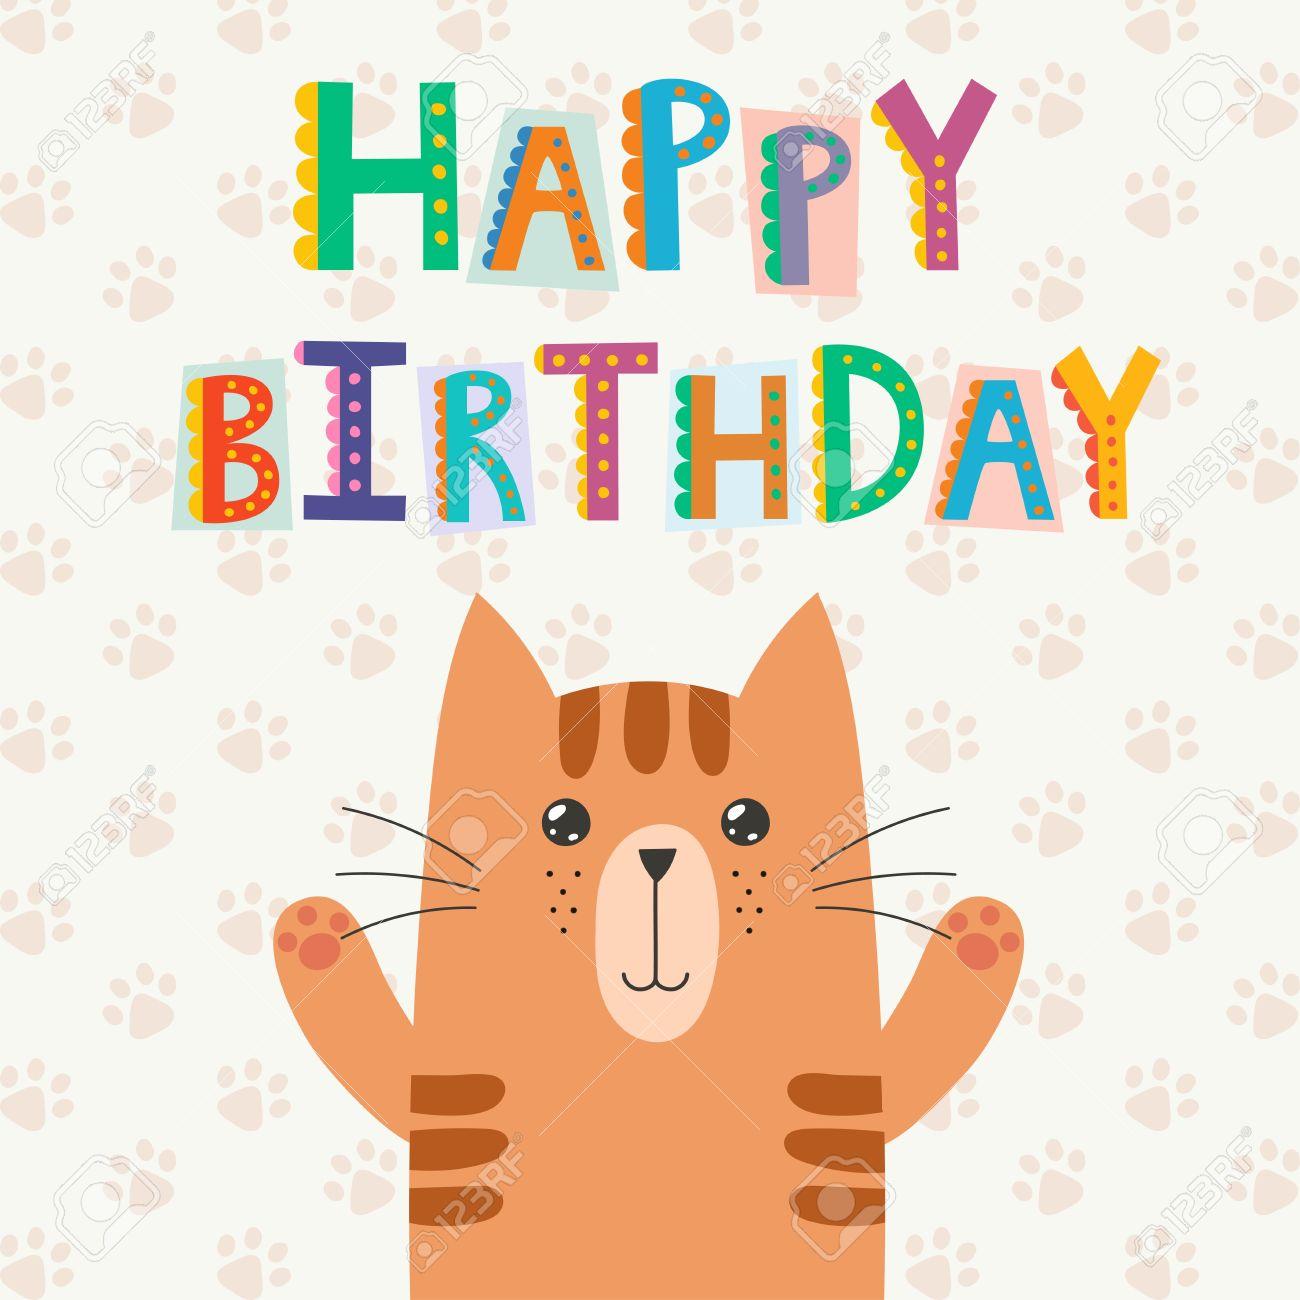 Alles Gute Zum Geburtstag Grusskarte Mit Einem Niedlichen Katze Und